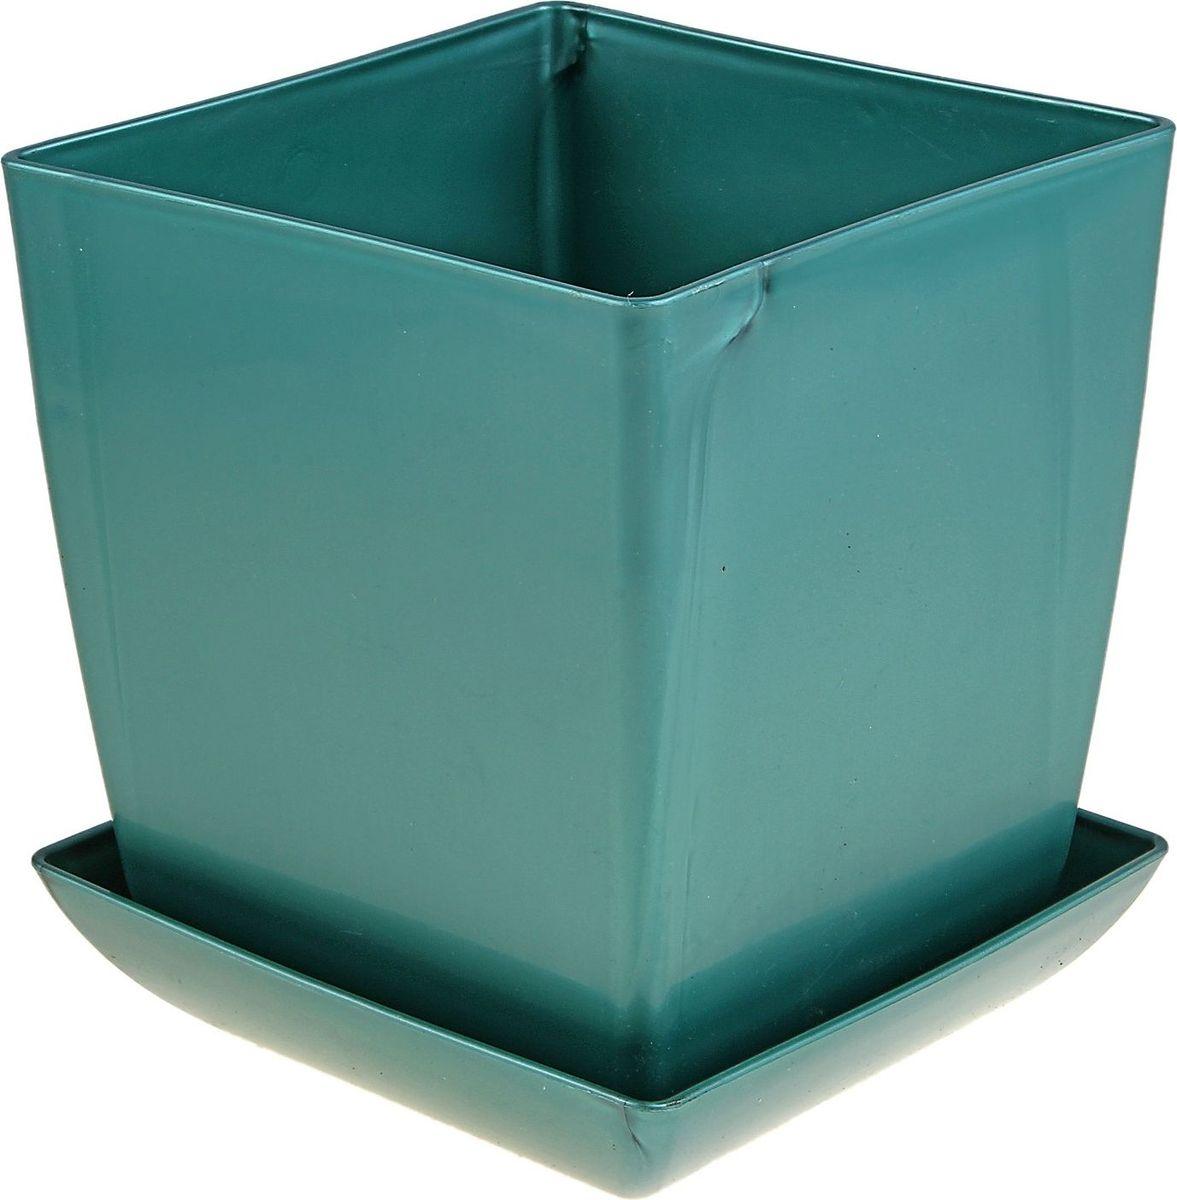 Горшок для цветов Мегапласт Квадрат, с поддоном, цвет: бирюзовый перламутр, 3,5 л624958Любой, даже самый современный и продуманный интерьер будет не завершенным без растений. Они не только очищают воздух и насыщают его кислородом, но и заметно украшают окружающее пространство. Такому полезному члену семьи просто необходимо красивое и функциональное кашпо, оригинальный горшок или необычная ваза! Мы предлагаем - Горшок для цветов с поддоном 16х16 см Квадрат 3,5 л, цвет белый перламутр! Оптимальный выбор материала - это пластмасса! Почему мы так считаем? Малый вес. С легкостью переносите горшки и кашпо с места на место, ставьте их на столики или полки, подвешивайте под потолок, не беспокоясь о нагрузке. Простота ухода. Пластиковые изделия не нуждаются в специальных условиях хранения. Их легко чистить достаточно просто сполоснуть теплой водой. Никаких царапин. Пластиковые кашпо не царапают и не загрязняют поверхности, на которых стоят. Пластик дольше хранит влагу, а значит растение реже нуждается в поливе. Пластмасса не пропускает воздух корневой системе растения не грозят резкие перепады температур. Огромный выбор форм, декора и расцветок вы без труда подберете что-то, что идеально впишется в уже существующий интерьер. Соблюдая нехитрые правила ухода, вы можете заметно продлить срок службы горшков, вазонов и кашпо из пластика: всегда учитывайте размер кроны и корневой системы растения (при разрастании большое растение способно повредить маленький горшок) берегите изделие от воздействия прямых солнечных лучей, чтобы кашпо и горшки не выцветали держите кашпо и горшки из пластика подальше от нагревающихся поверхностей. Создавайте прекрасные цветочные композиции, выращивайте рассаду или необычные растения, а низкие цены позволят вам не ограничивать себя в выборе.